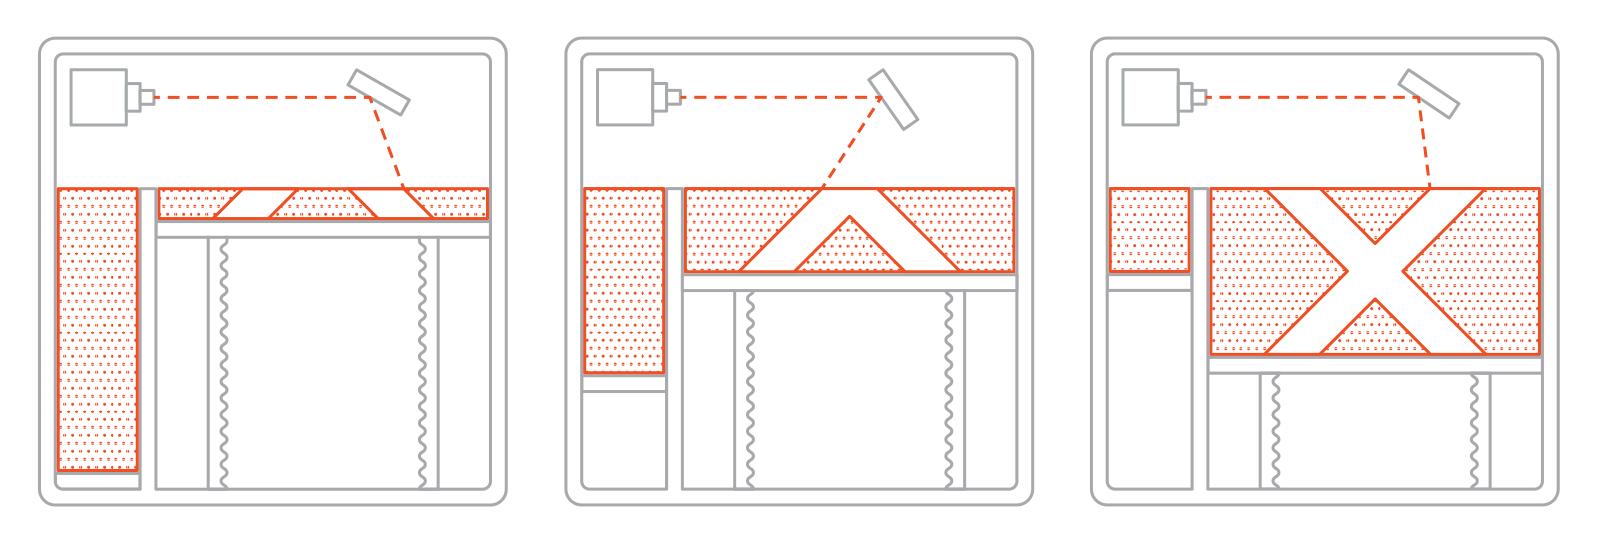 پروسه پرینت سه بعدی پودری SLS